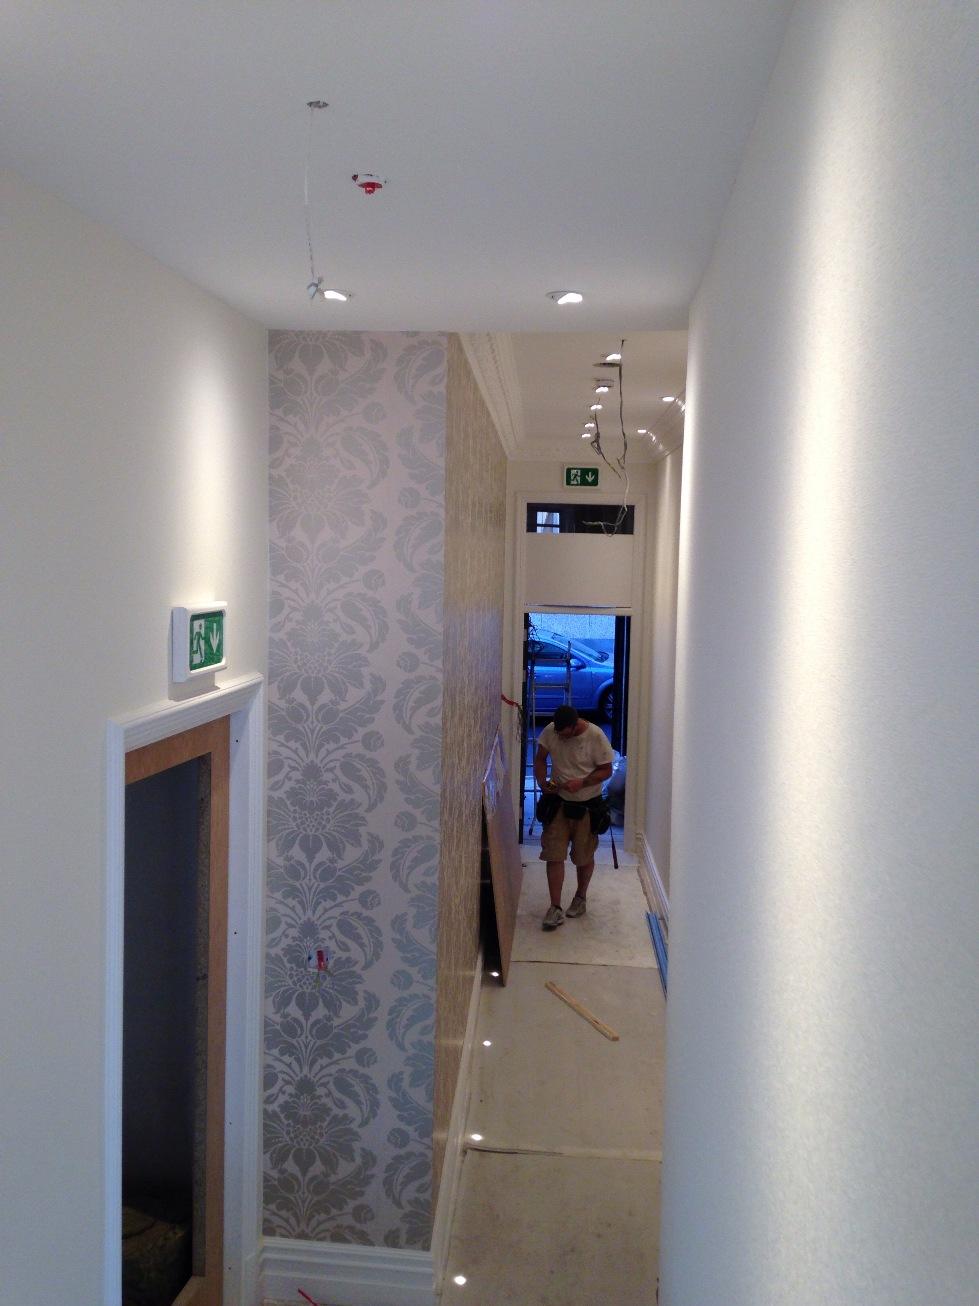 Sands Hallway